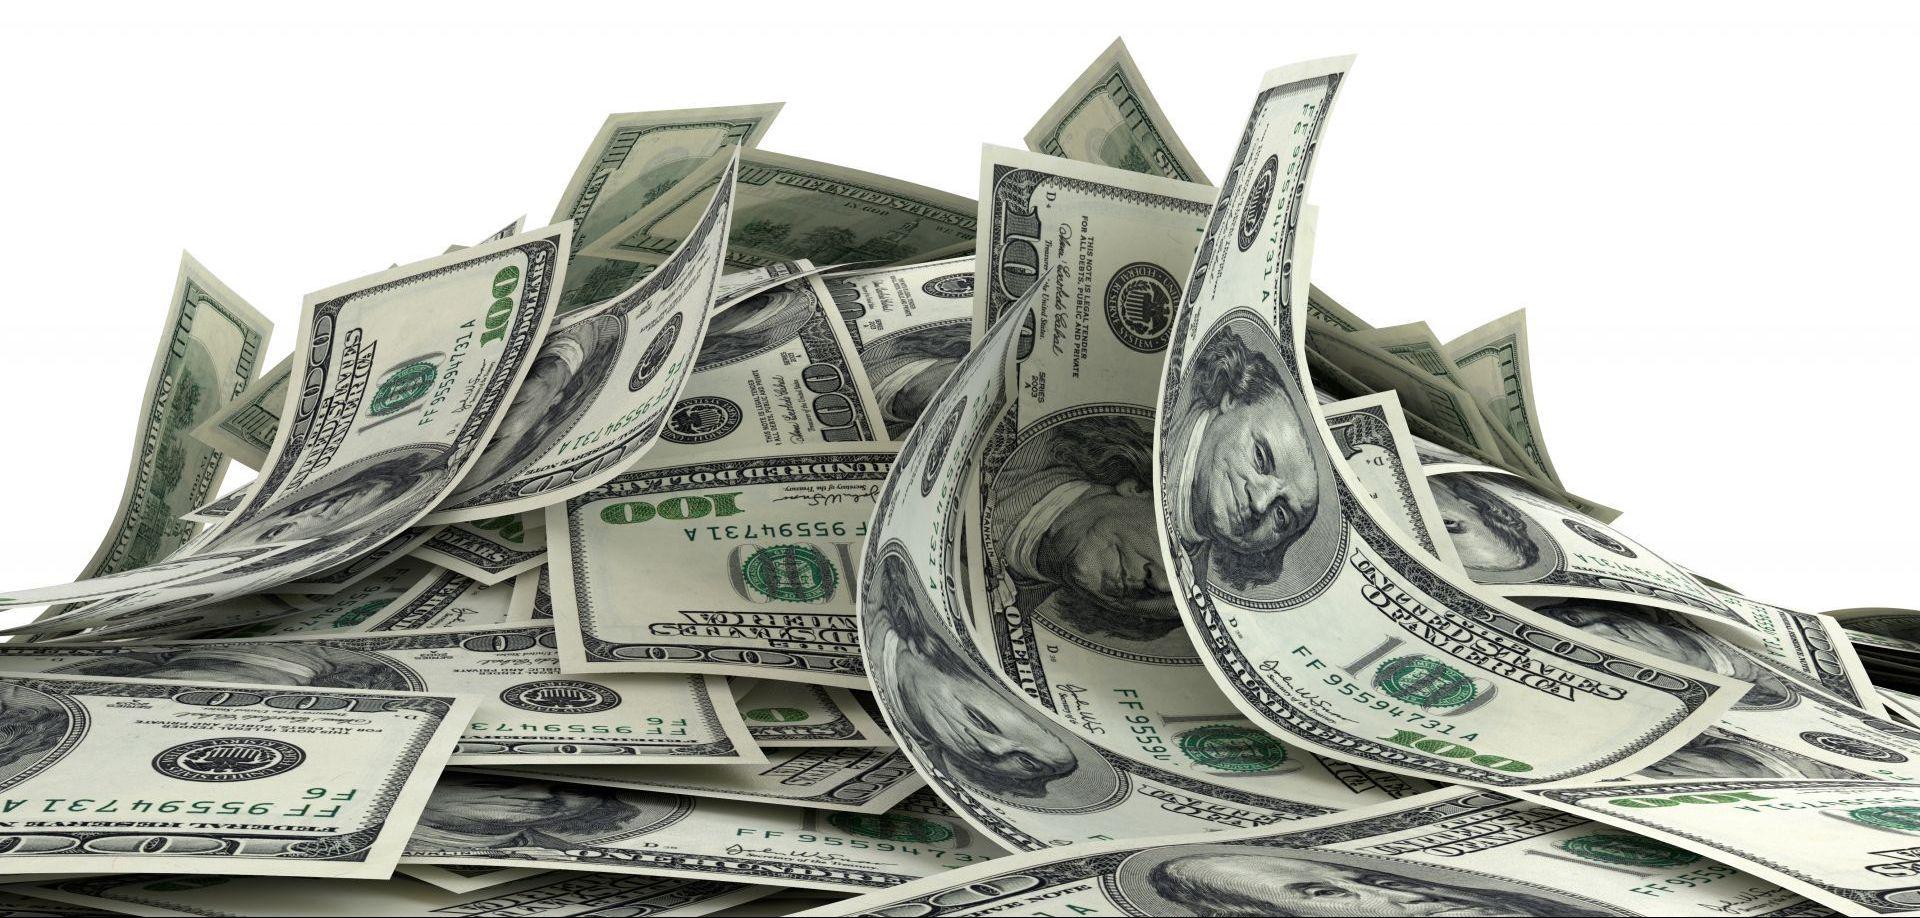 美元指數因消息面來回震盪 專家:偏多格局不變